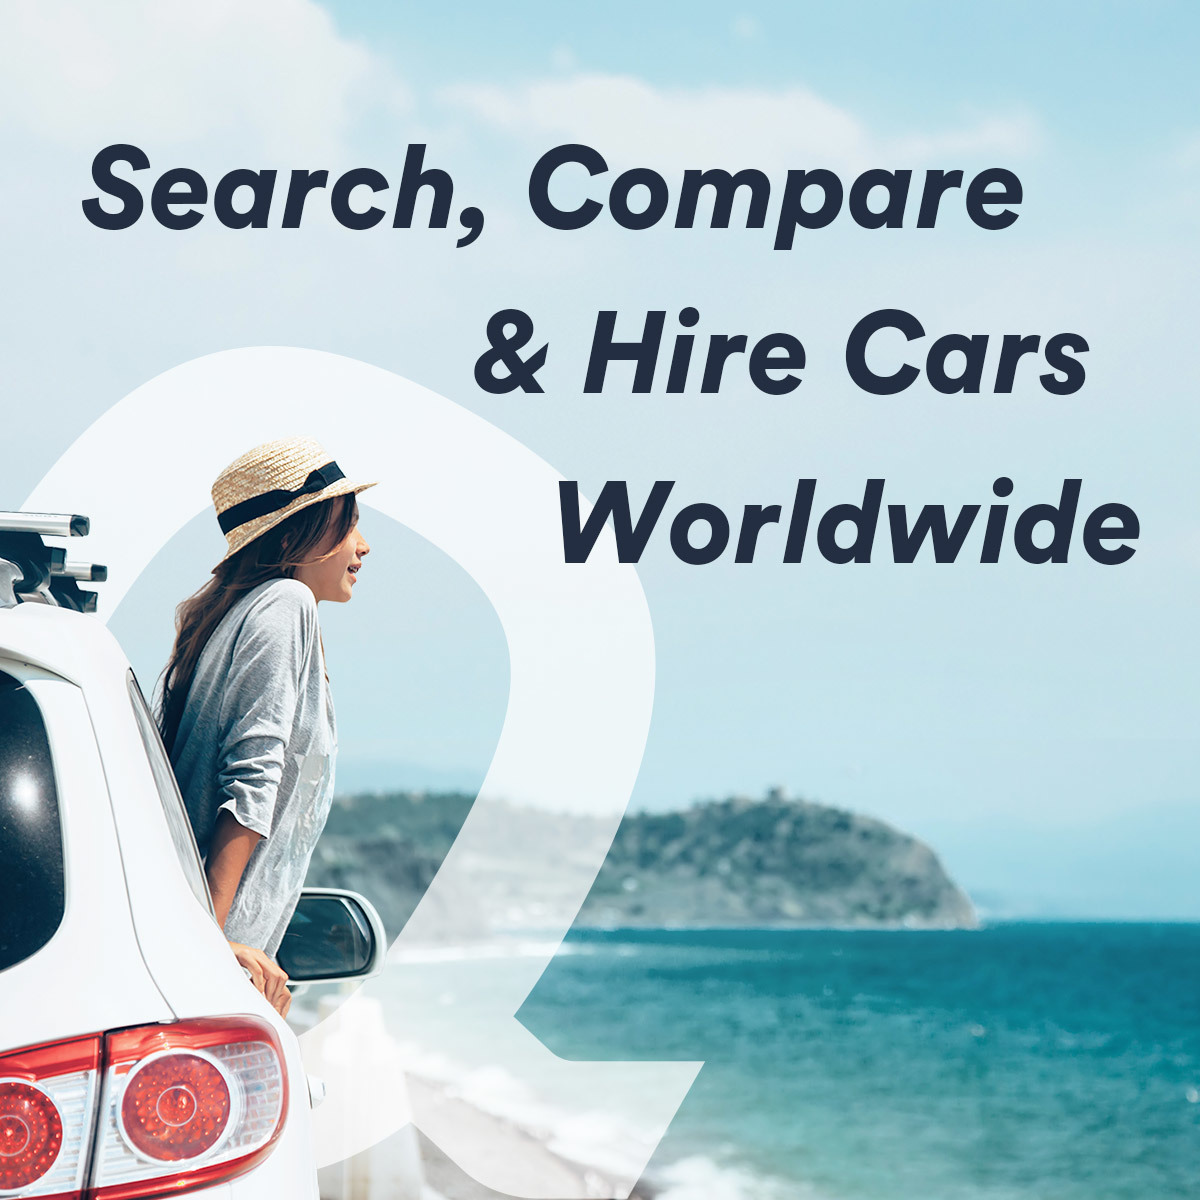 Car Rentals Worldwide Travel Discount Qeeq Com